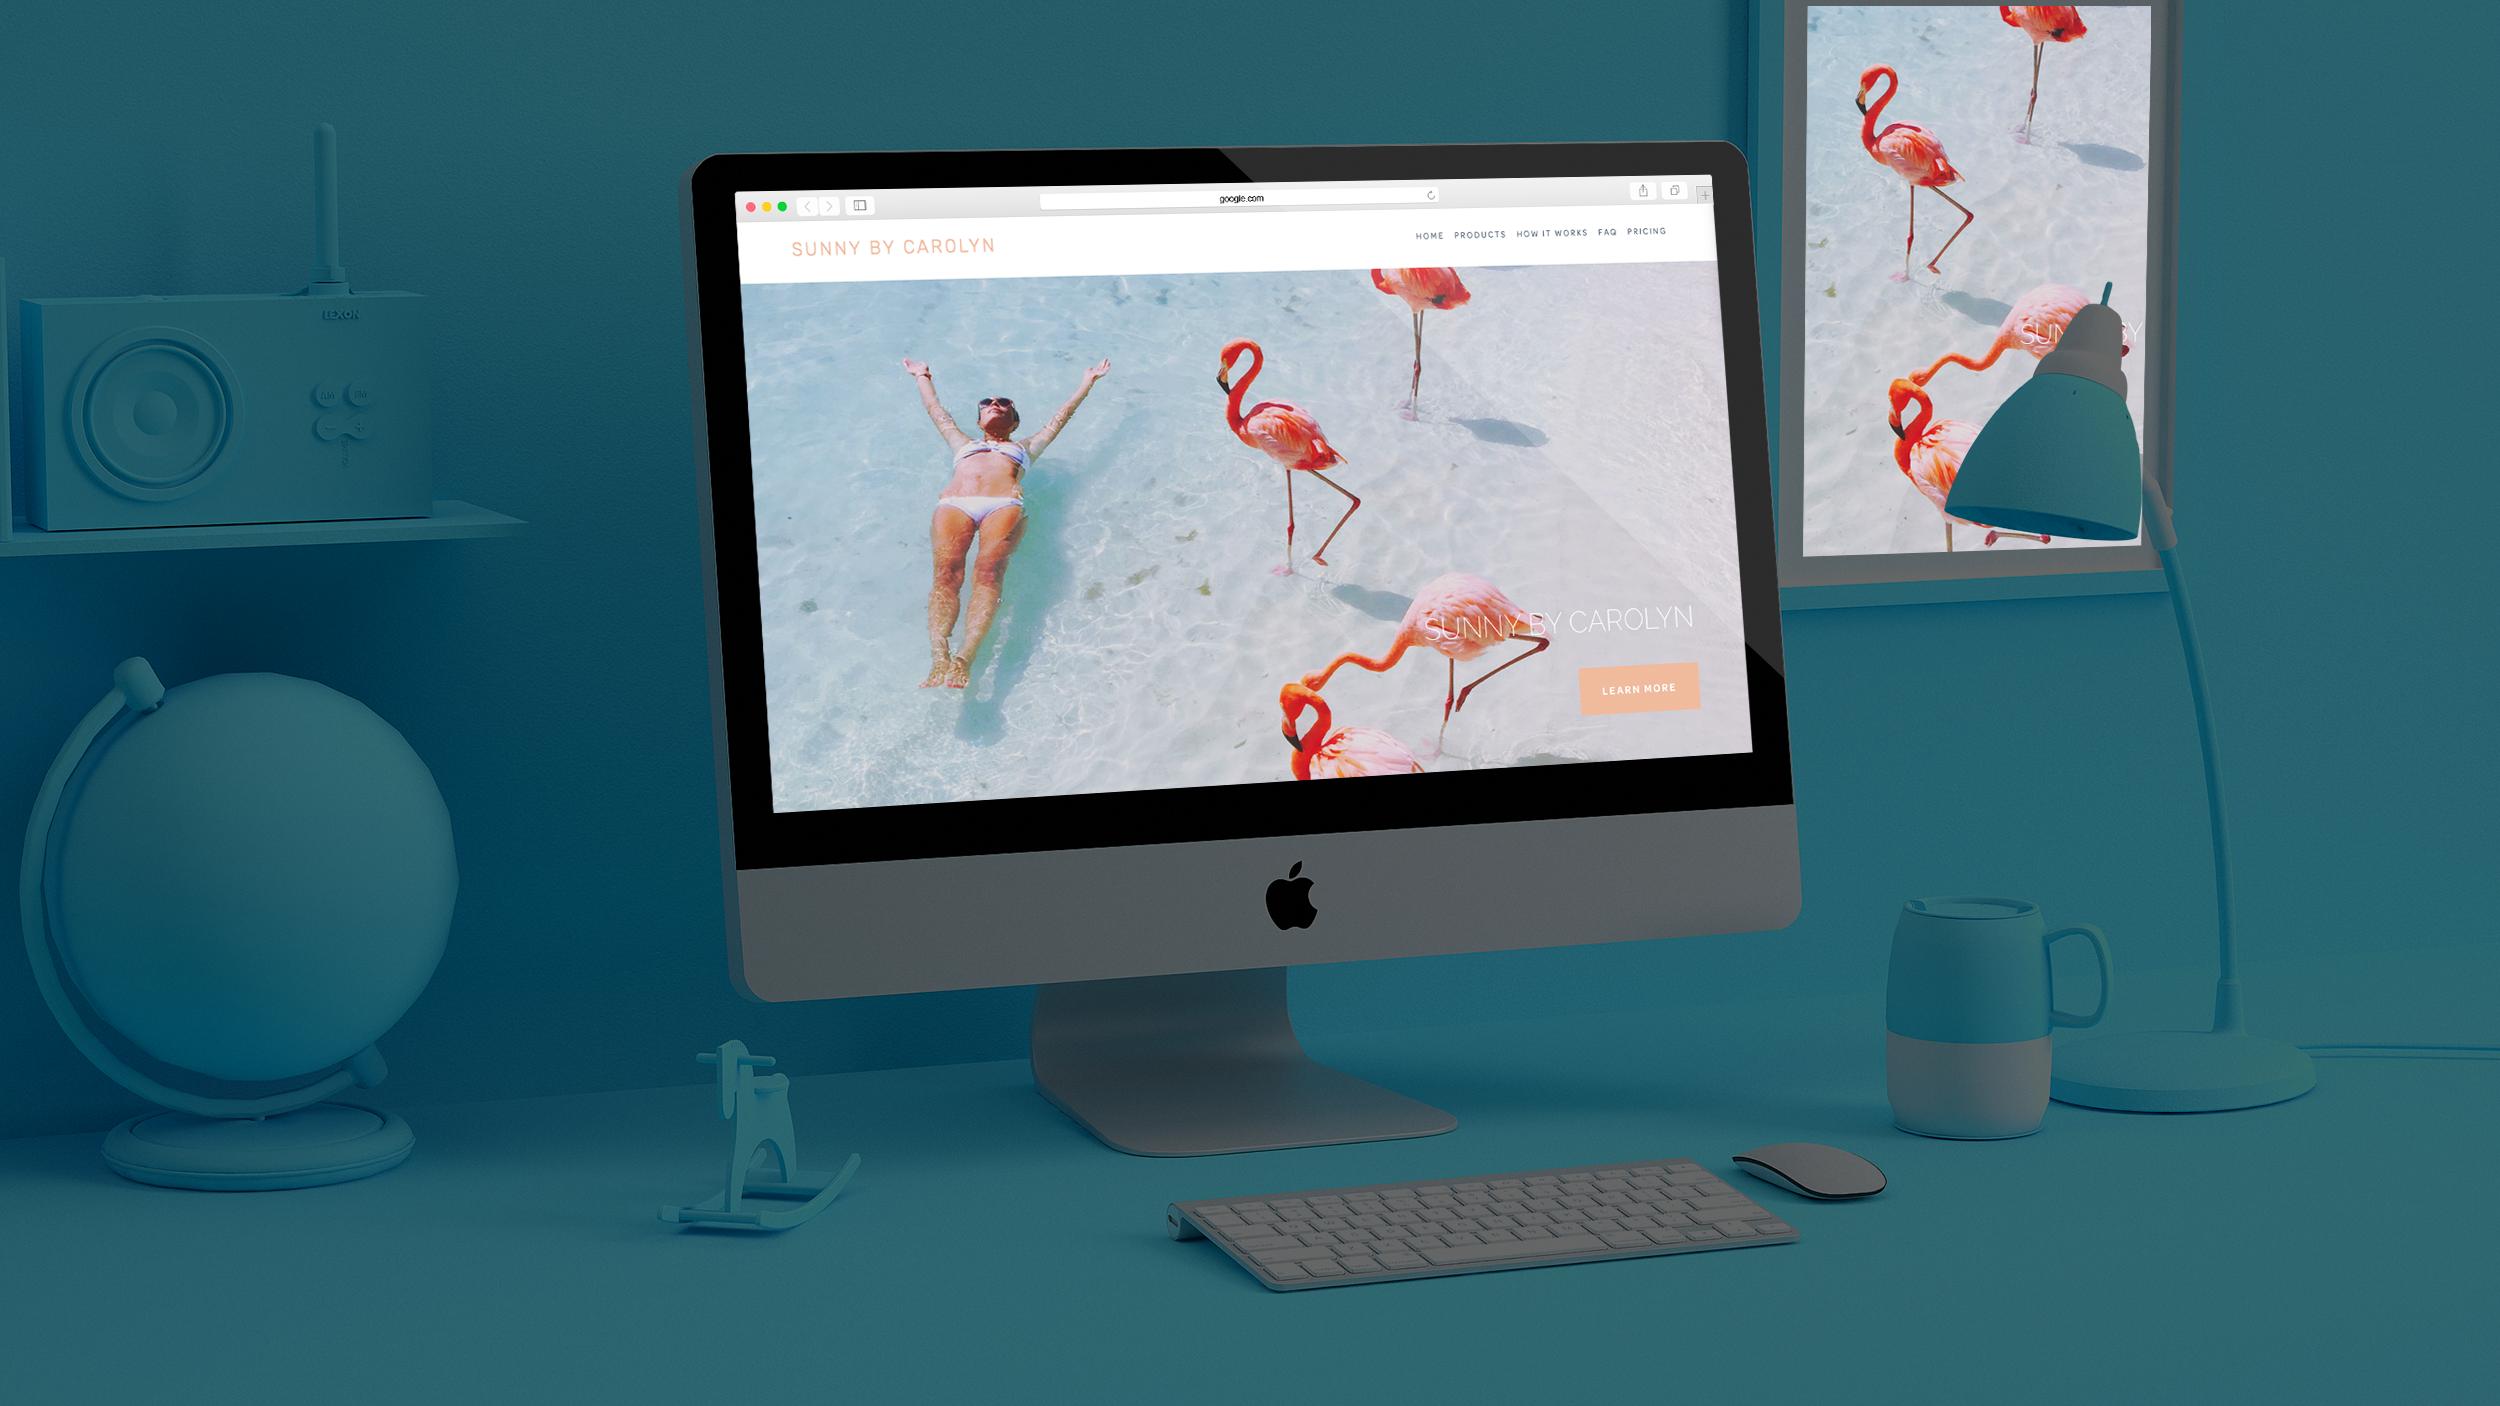 Sunny by Carolyn / Web Design